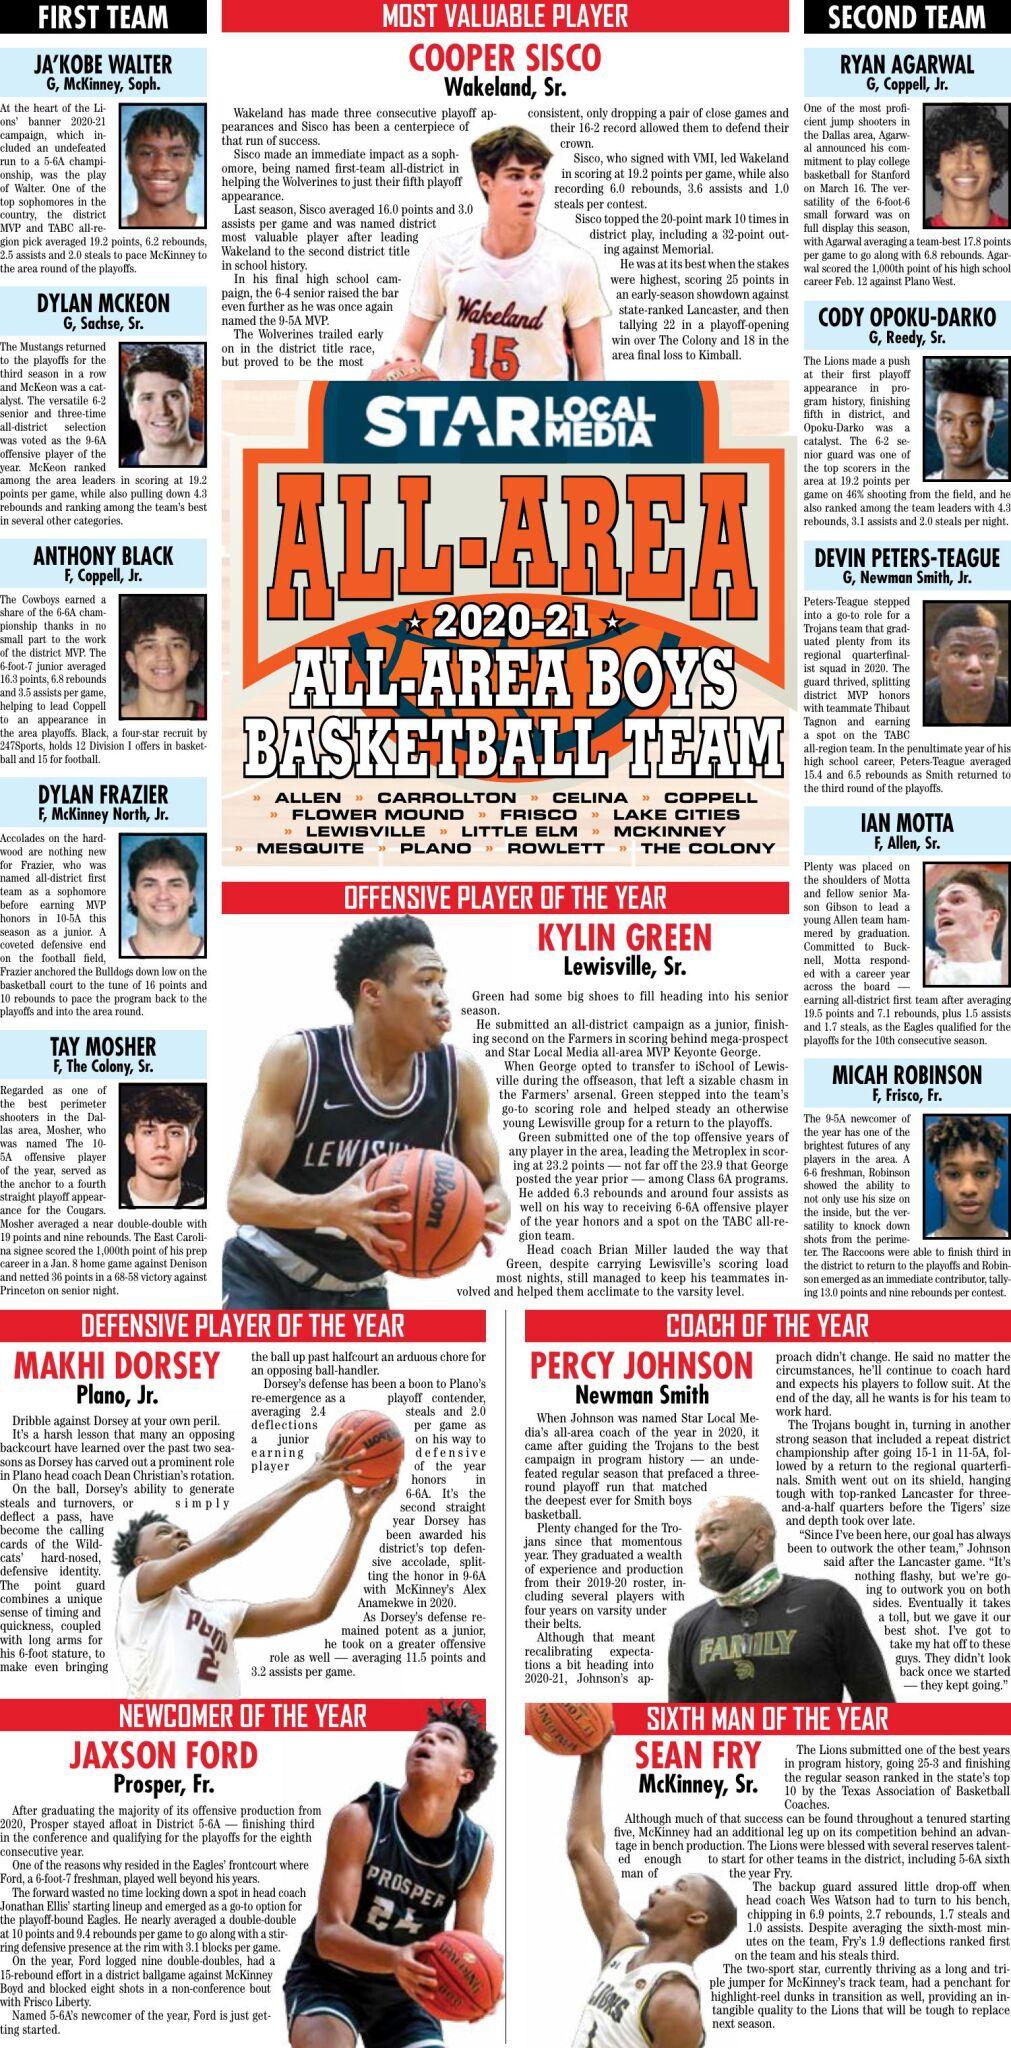 2020-21 Star Local Media All-Area Boys Basketball Team